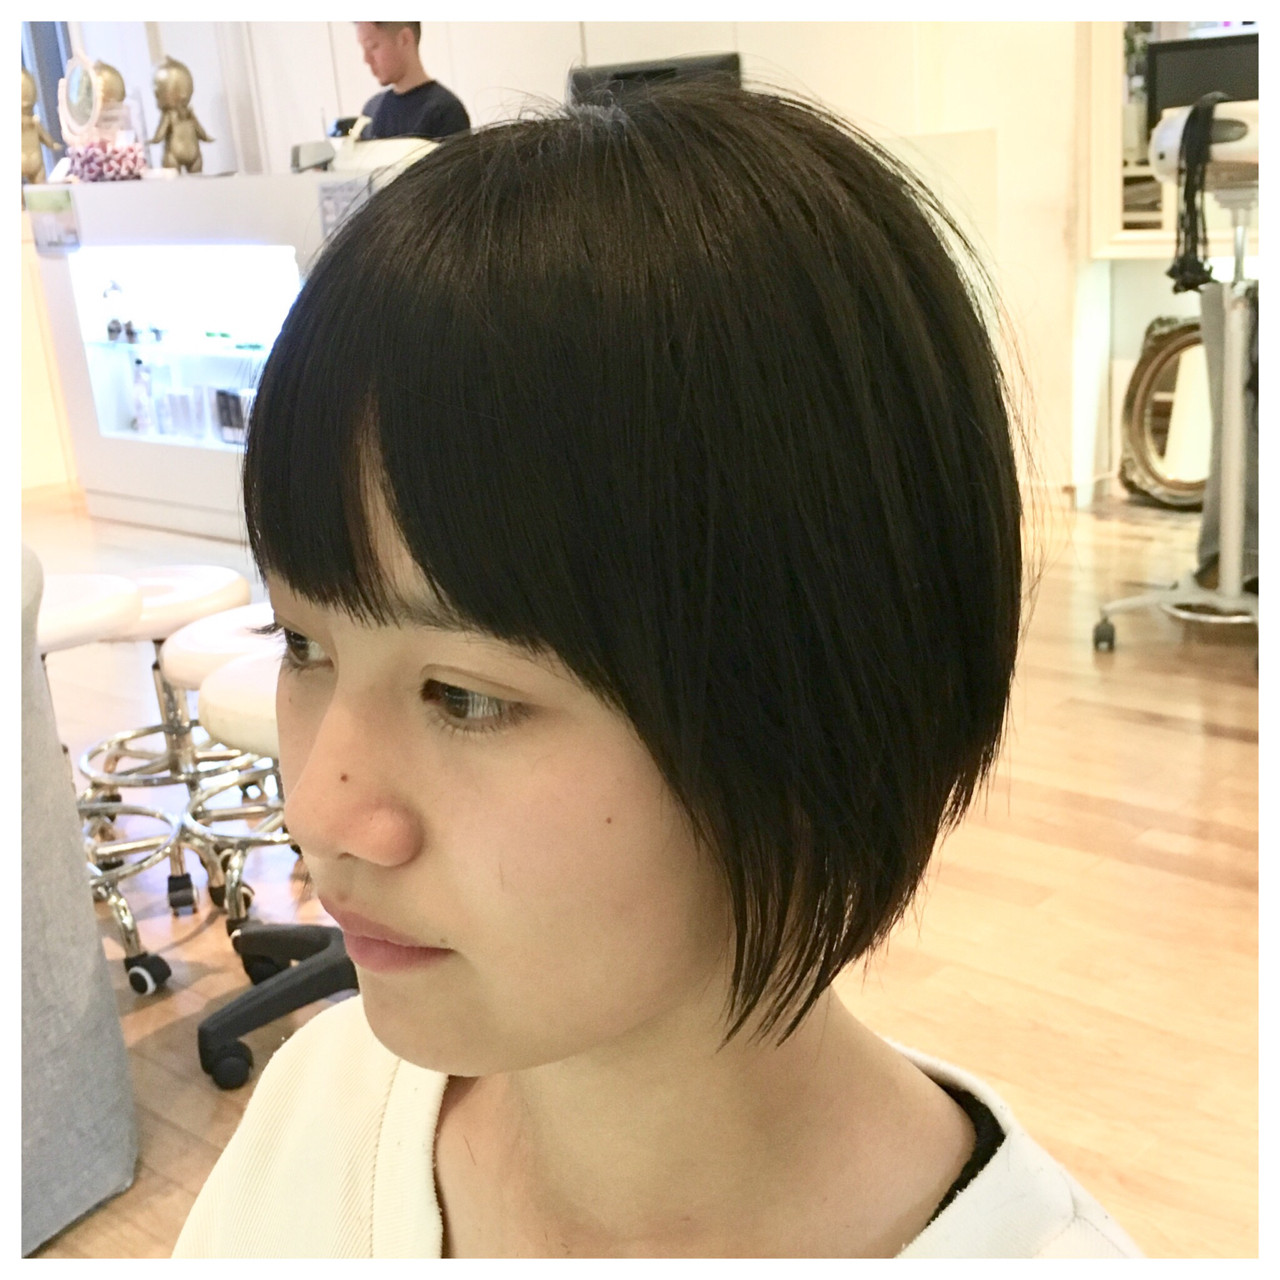 ショートボブ ボブ 前下がり ナチュラル ヘアスタイルや髪型の写真・画像 | Yumi Hiramatsu / Sourire Imaizumi【スーリール イマイズミ】